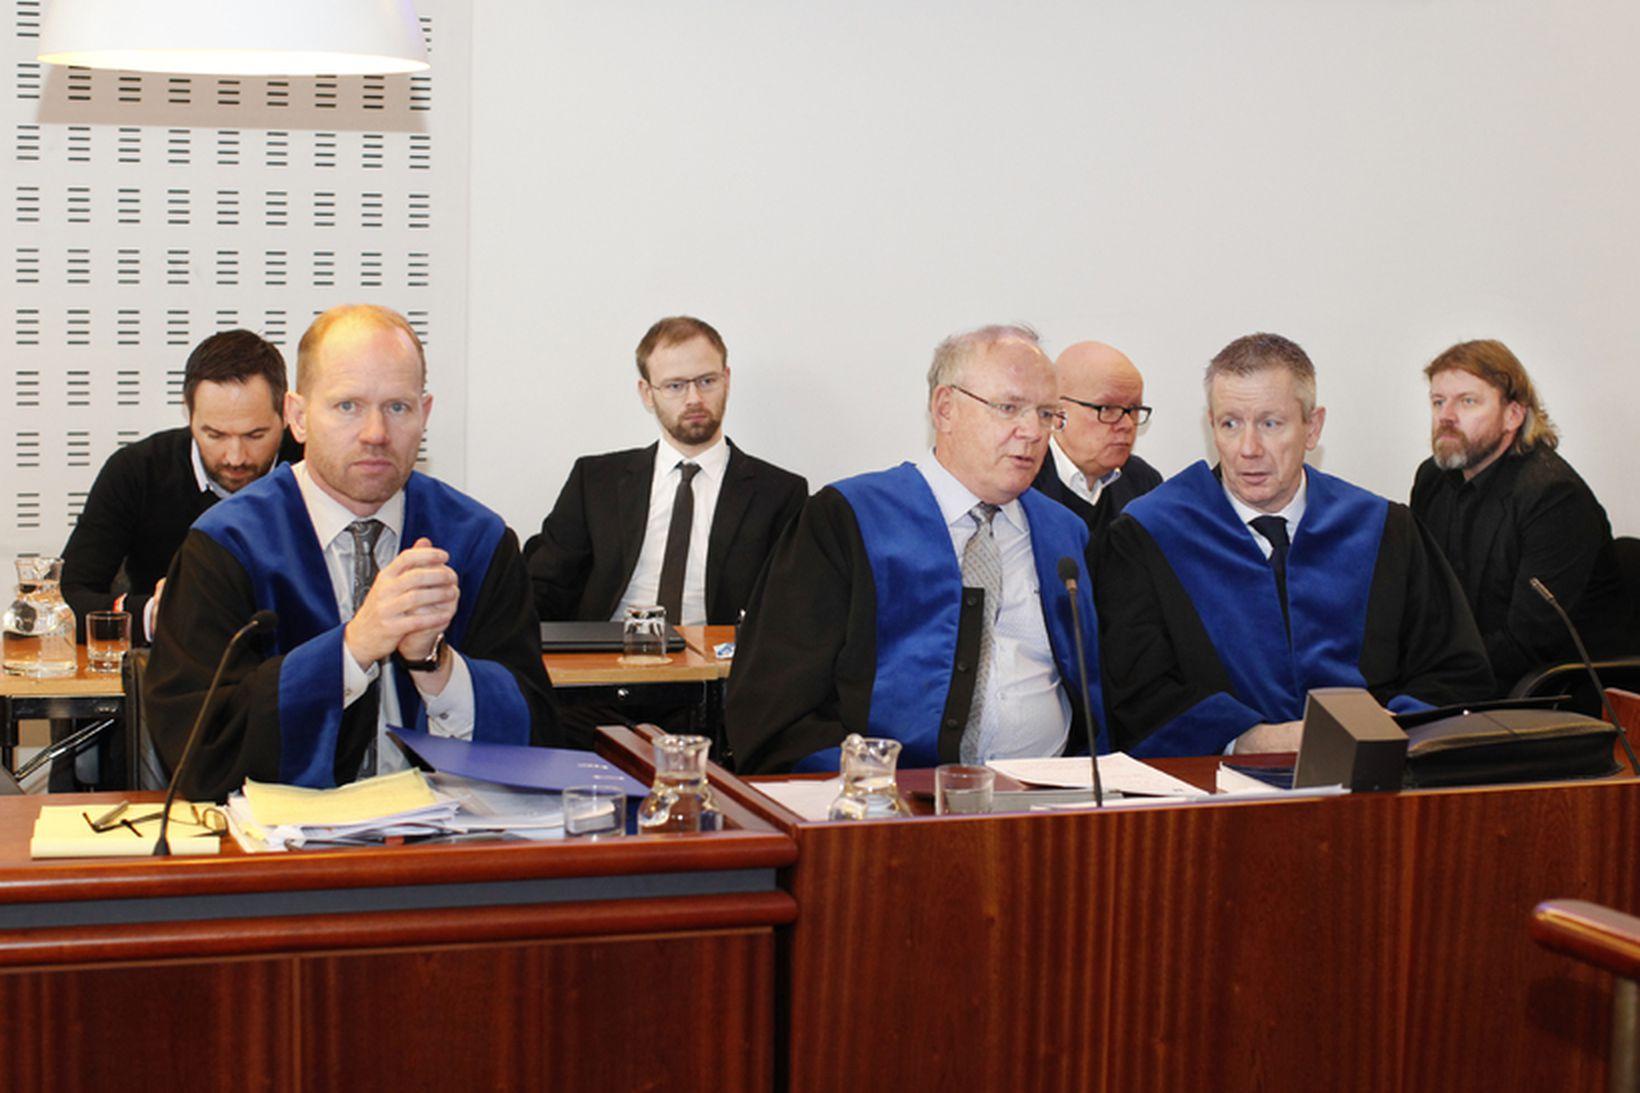 Frá aðalmeðferð Aurum-málsins í héraði í árið 2014. Á myndinni …